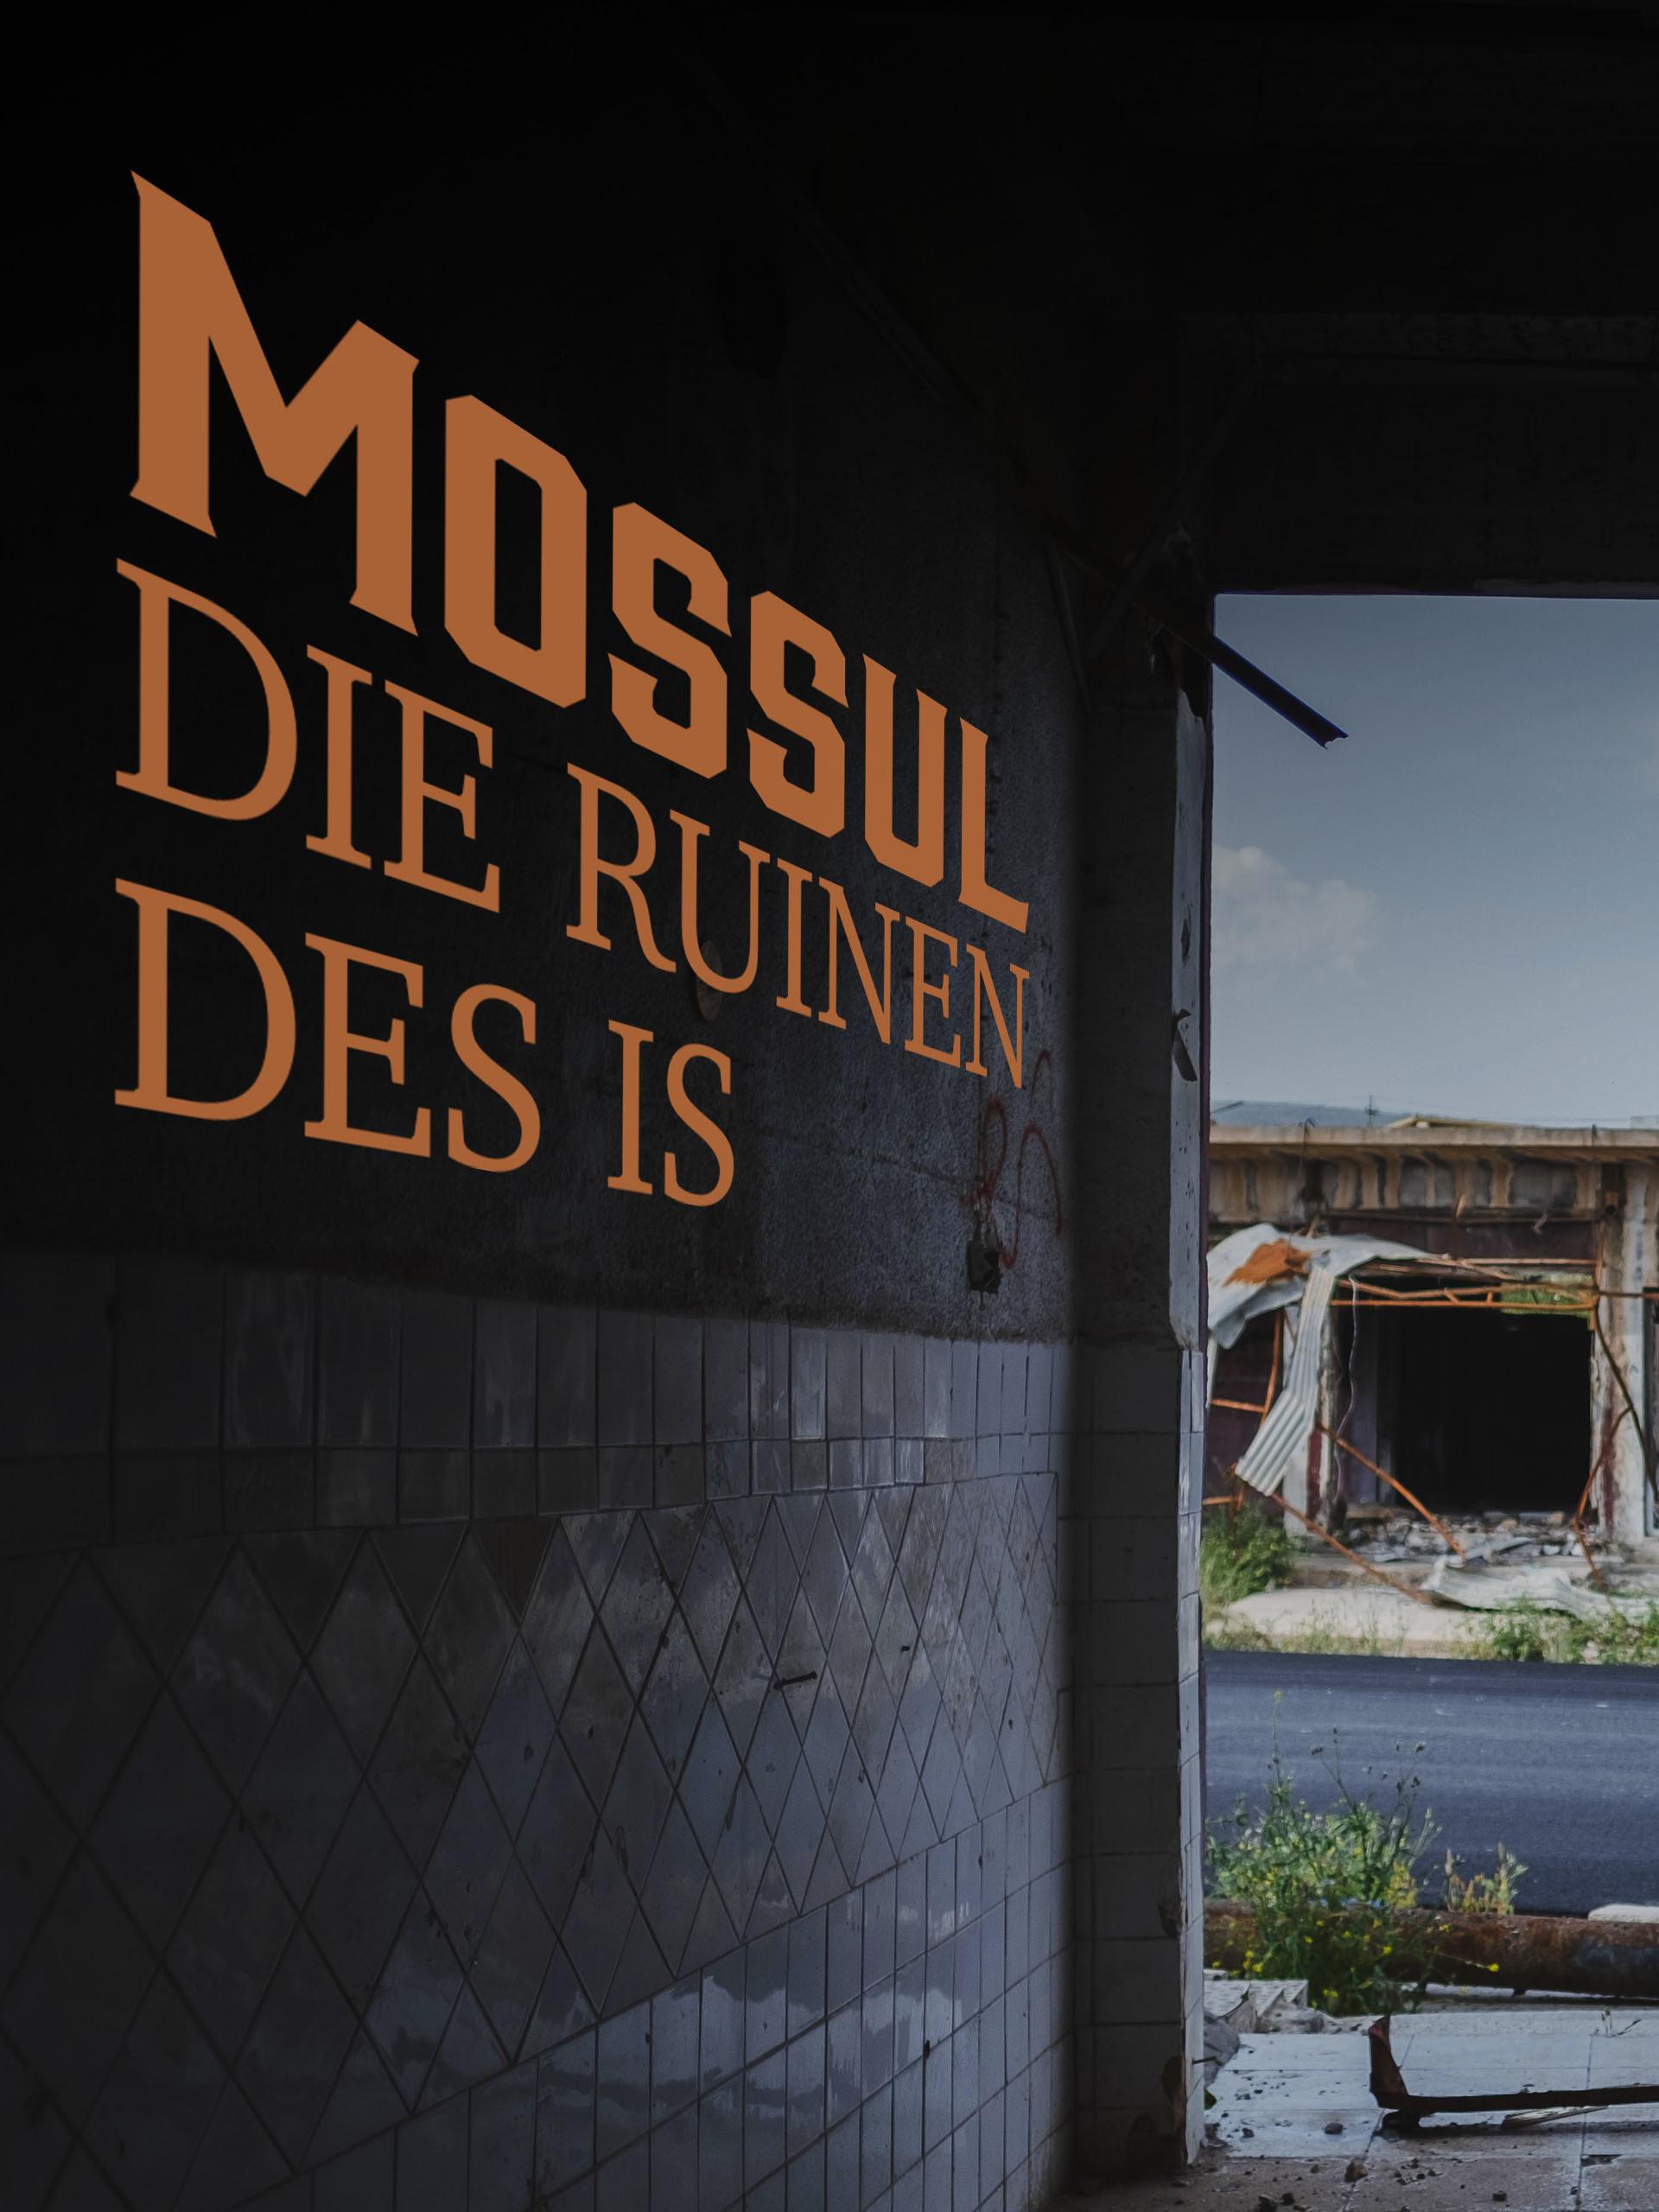 Mossul - Die Ruinen des IS